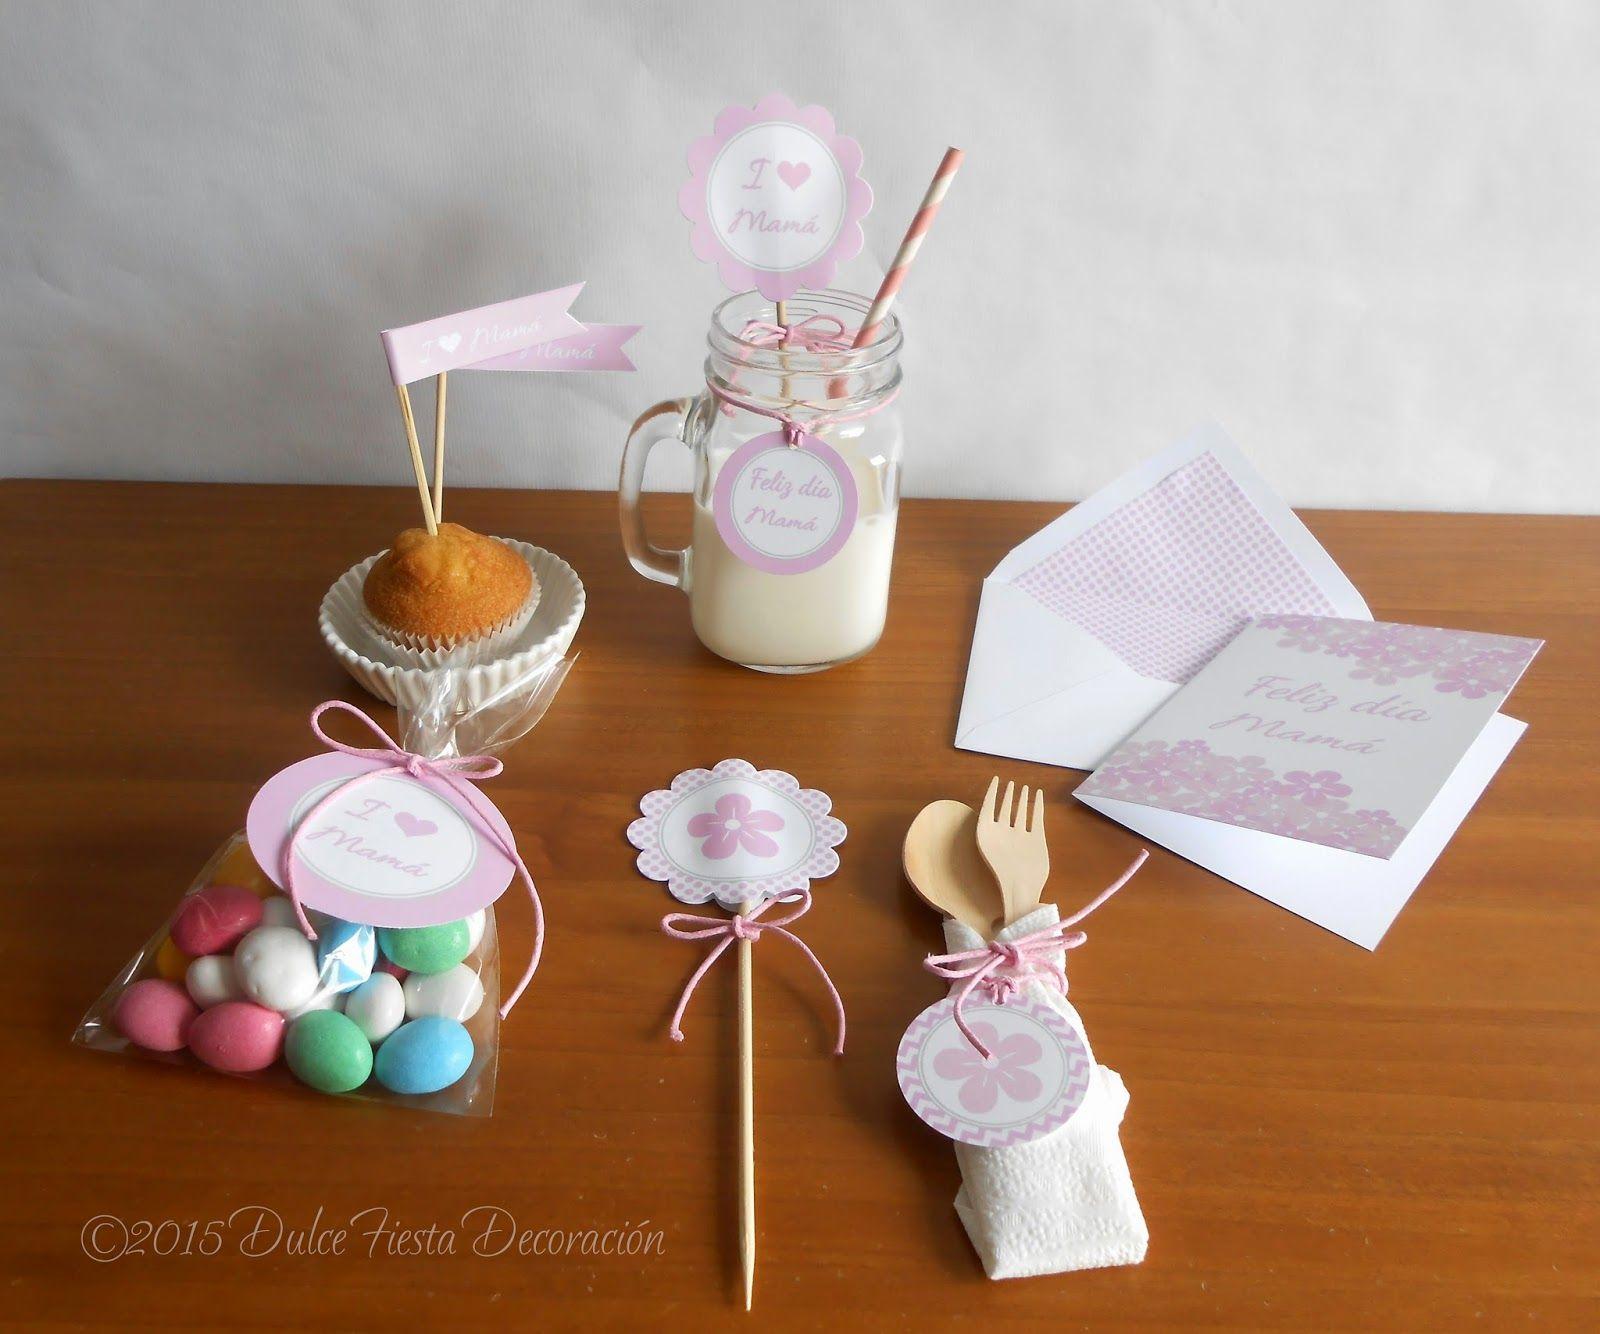 Dulce fiesta decoraci n kit imprimible y tarjeta para el for Decoracion para el dia de la madre